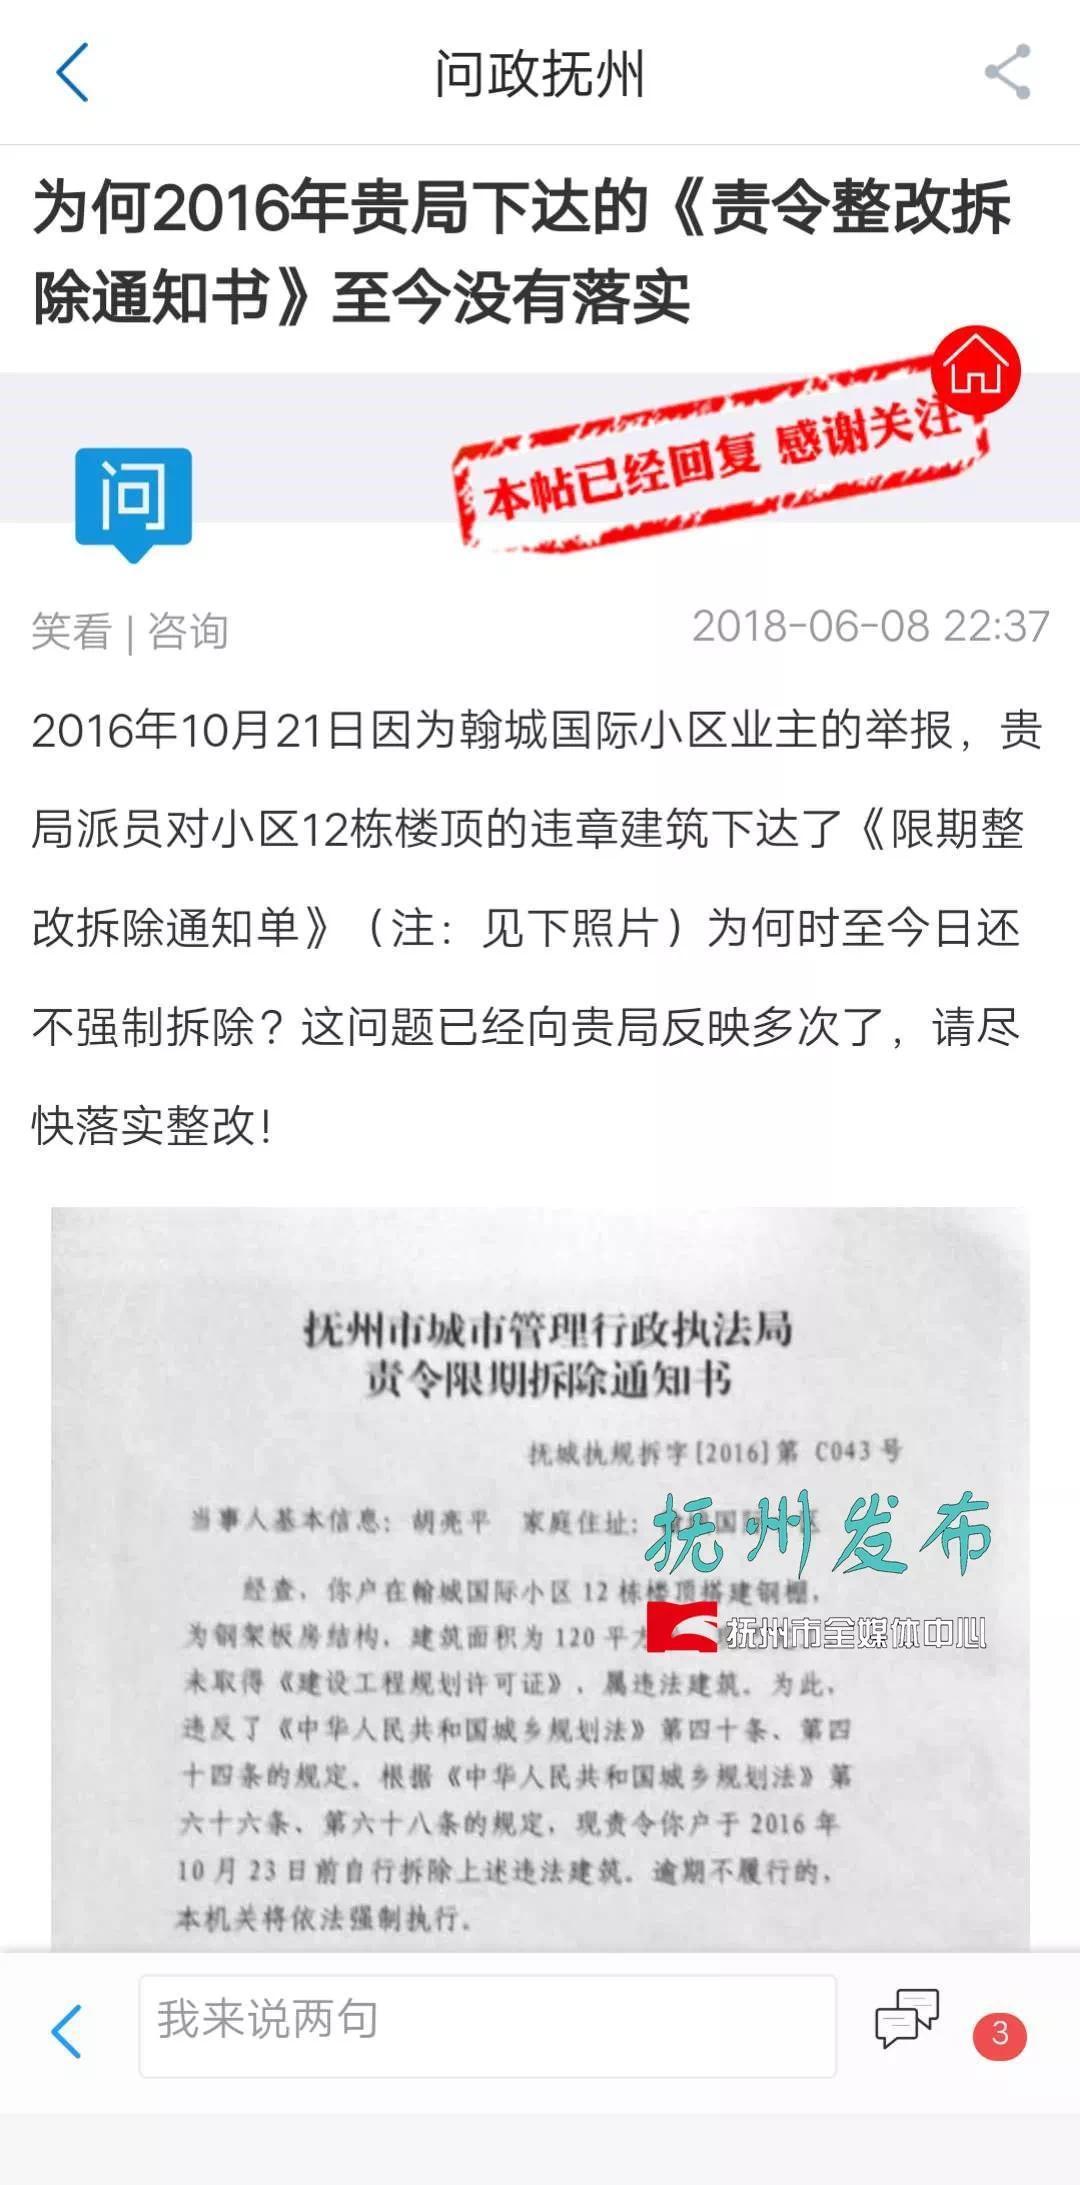 问政抚州一条留言,解决了一年多未拆除的违法搭建问题!